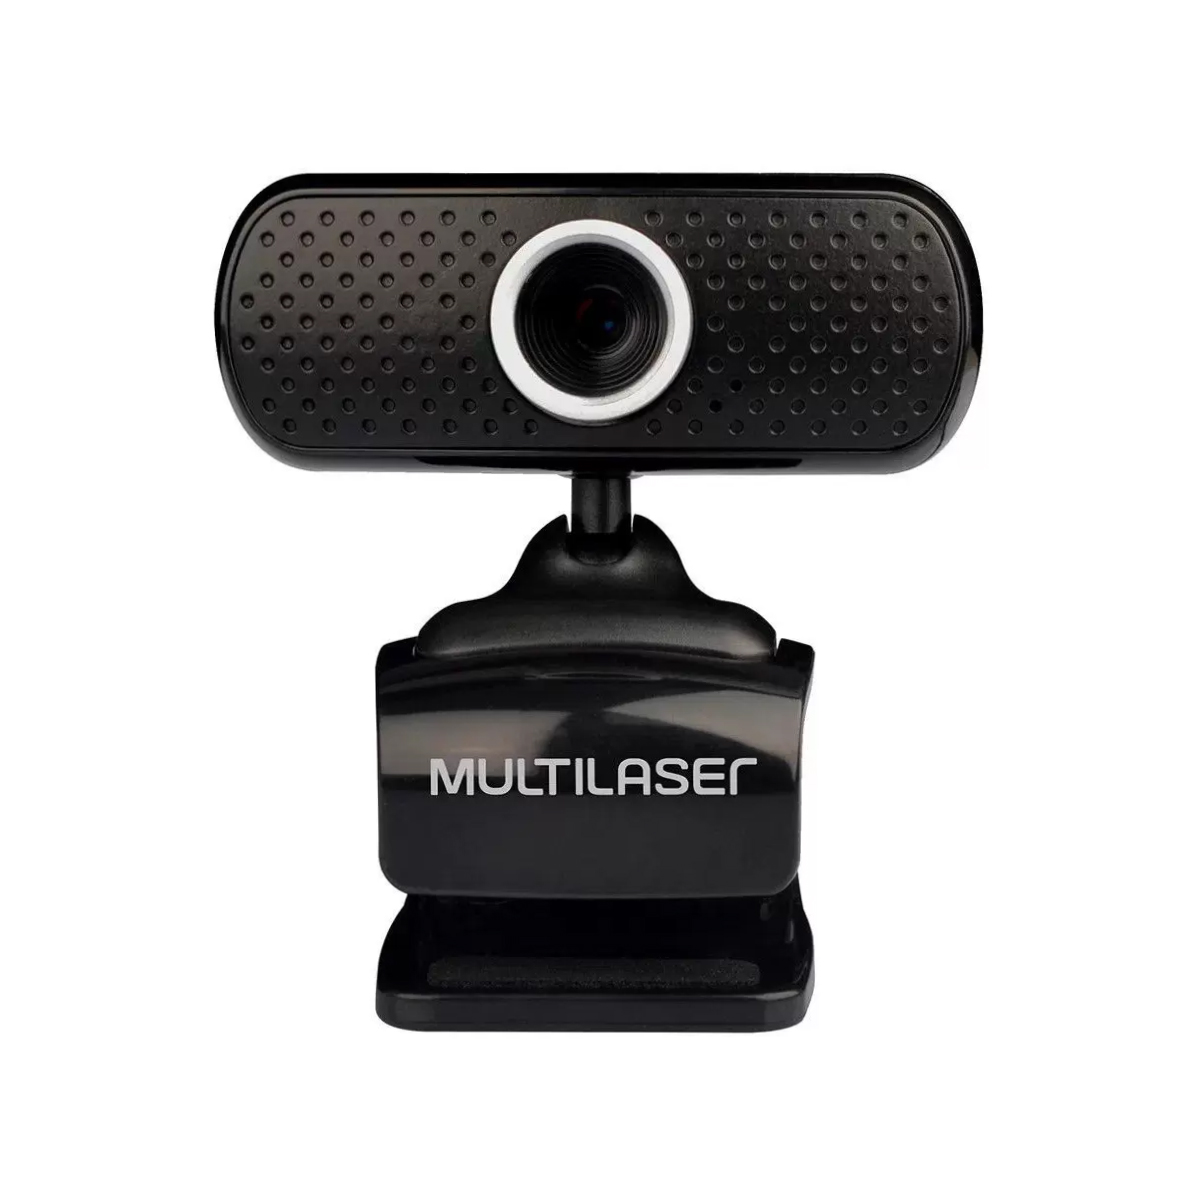 Webcam Multilaser 480p Live Aulas Ead - Wc051 Plug & Play